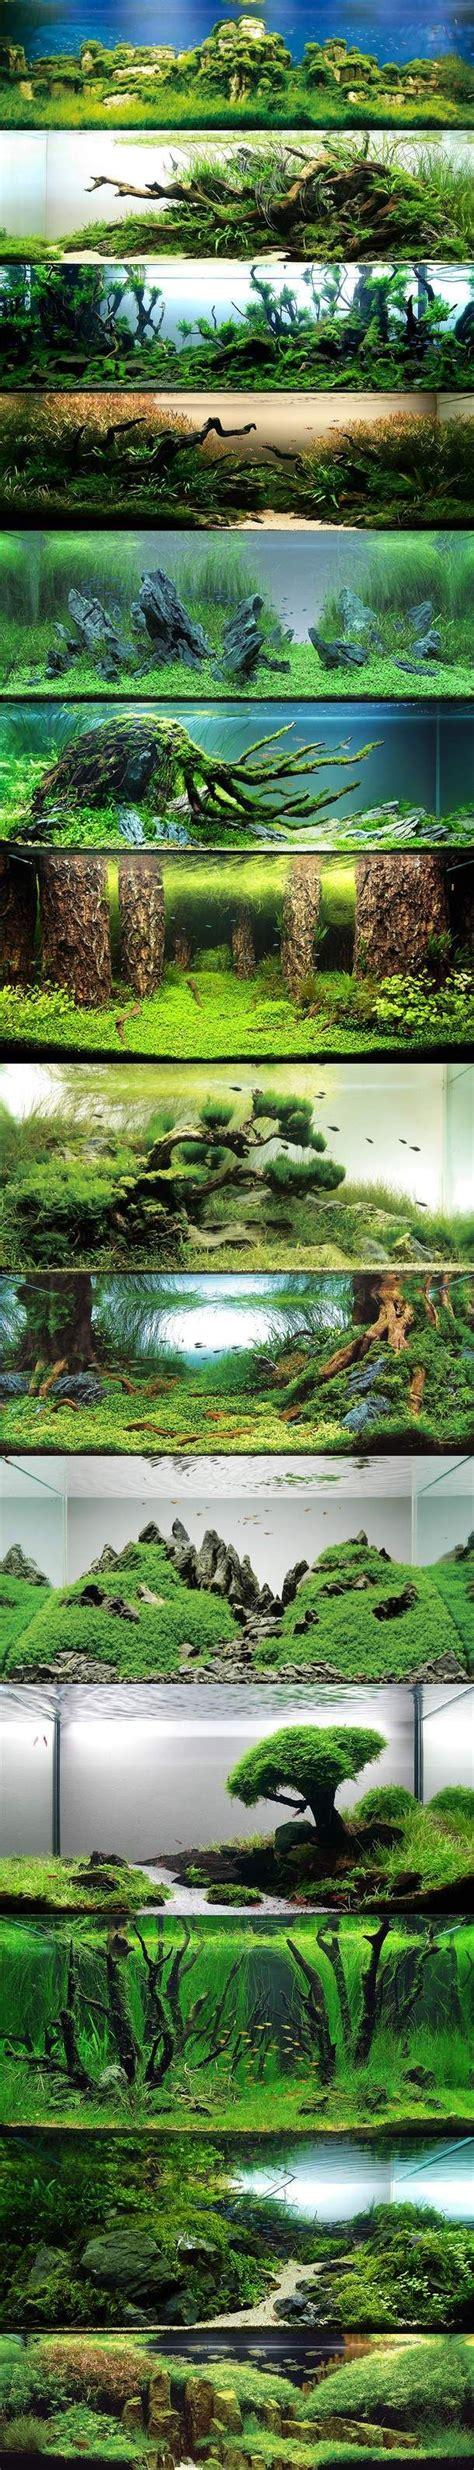 best fan for aquarium 161 best images about fish tank on pinterest shrimp